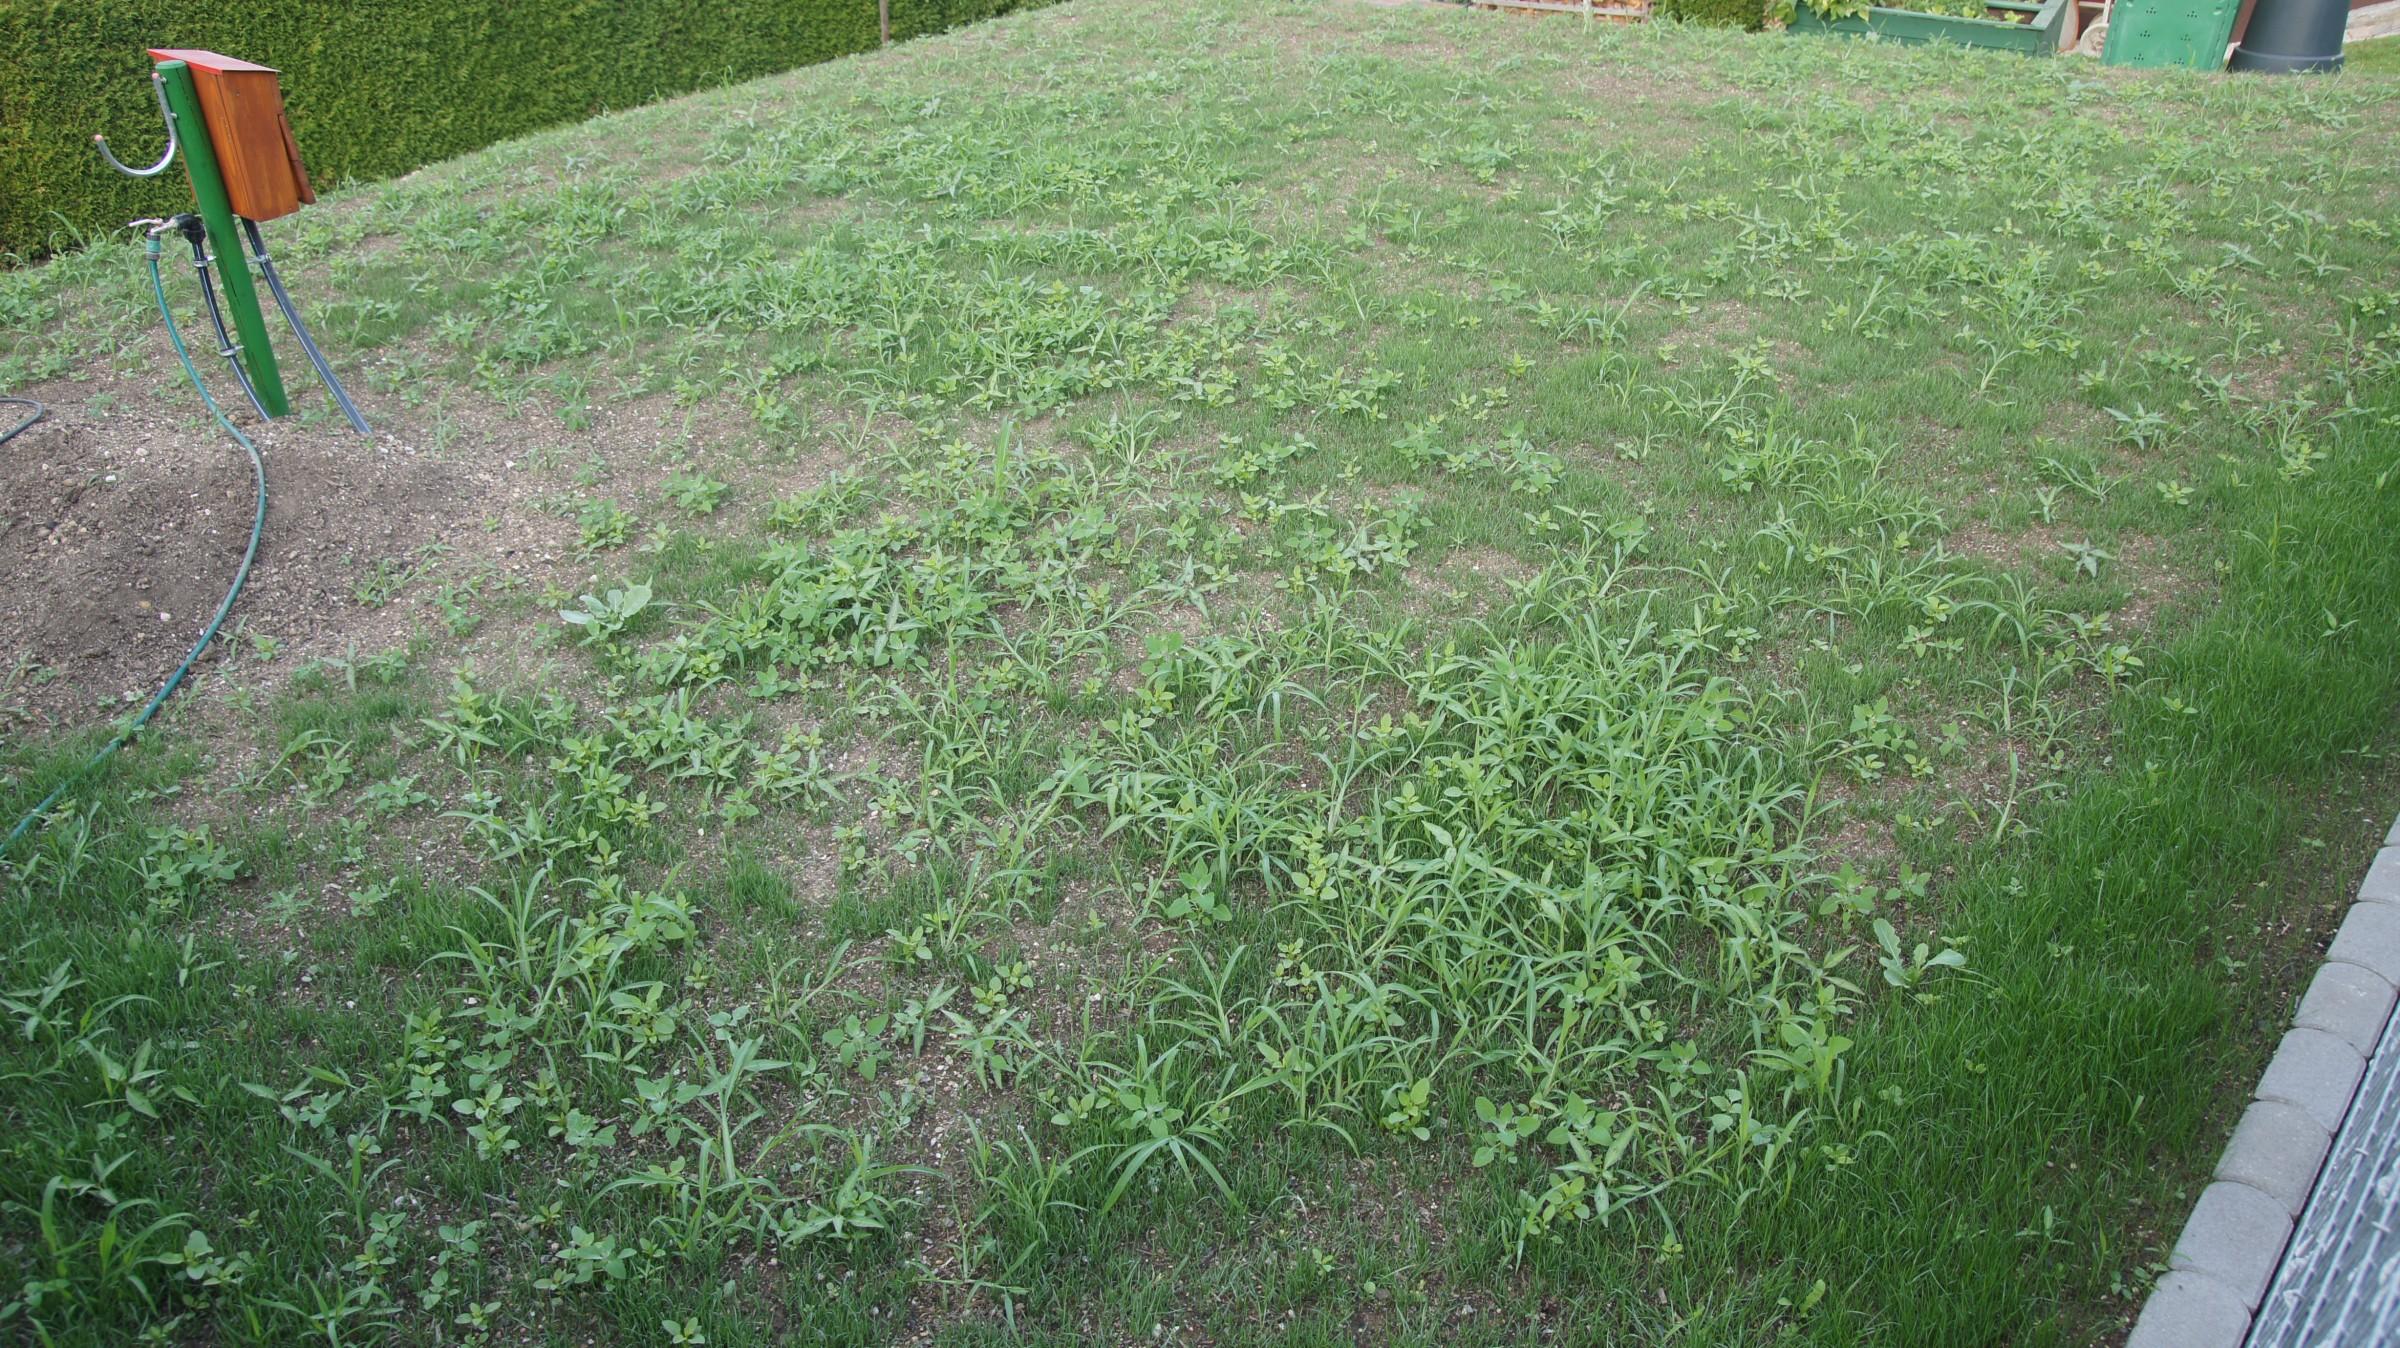 ist das ein unkraut oder nicht garten pflanzen gras. Black Bedroom Furniture Sets. Home Design Ideas